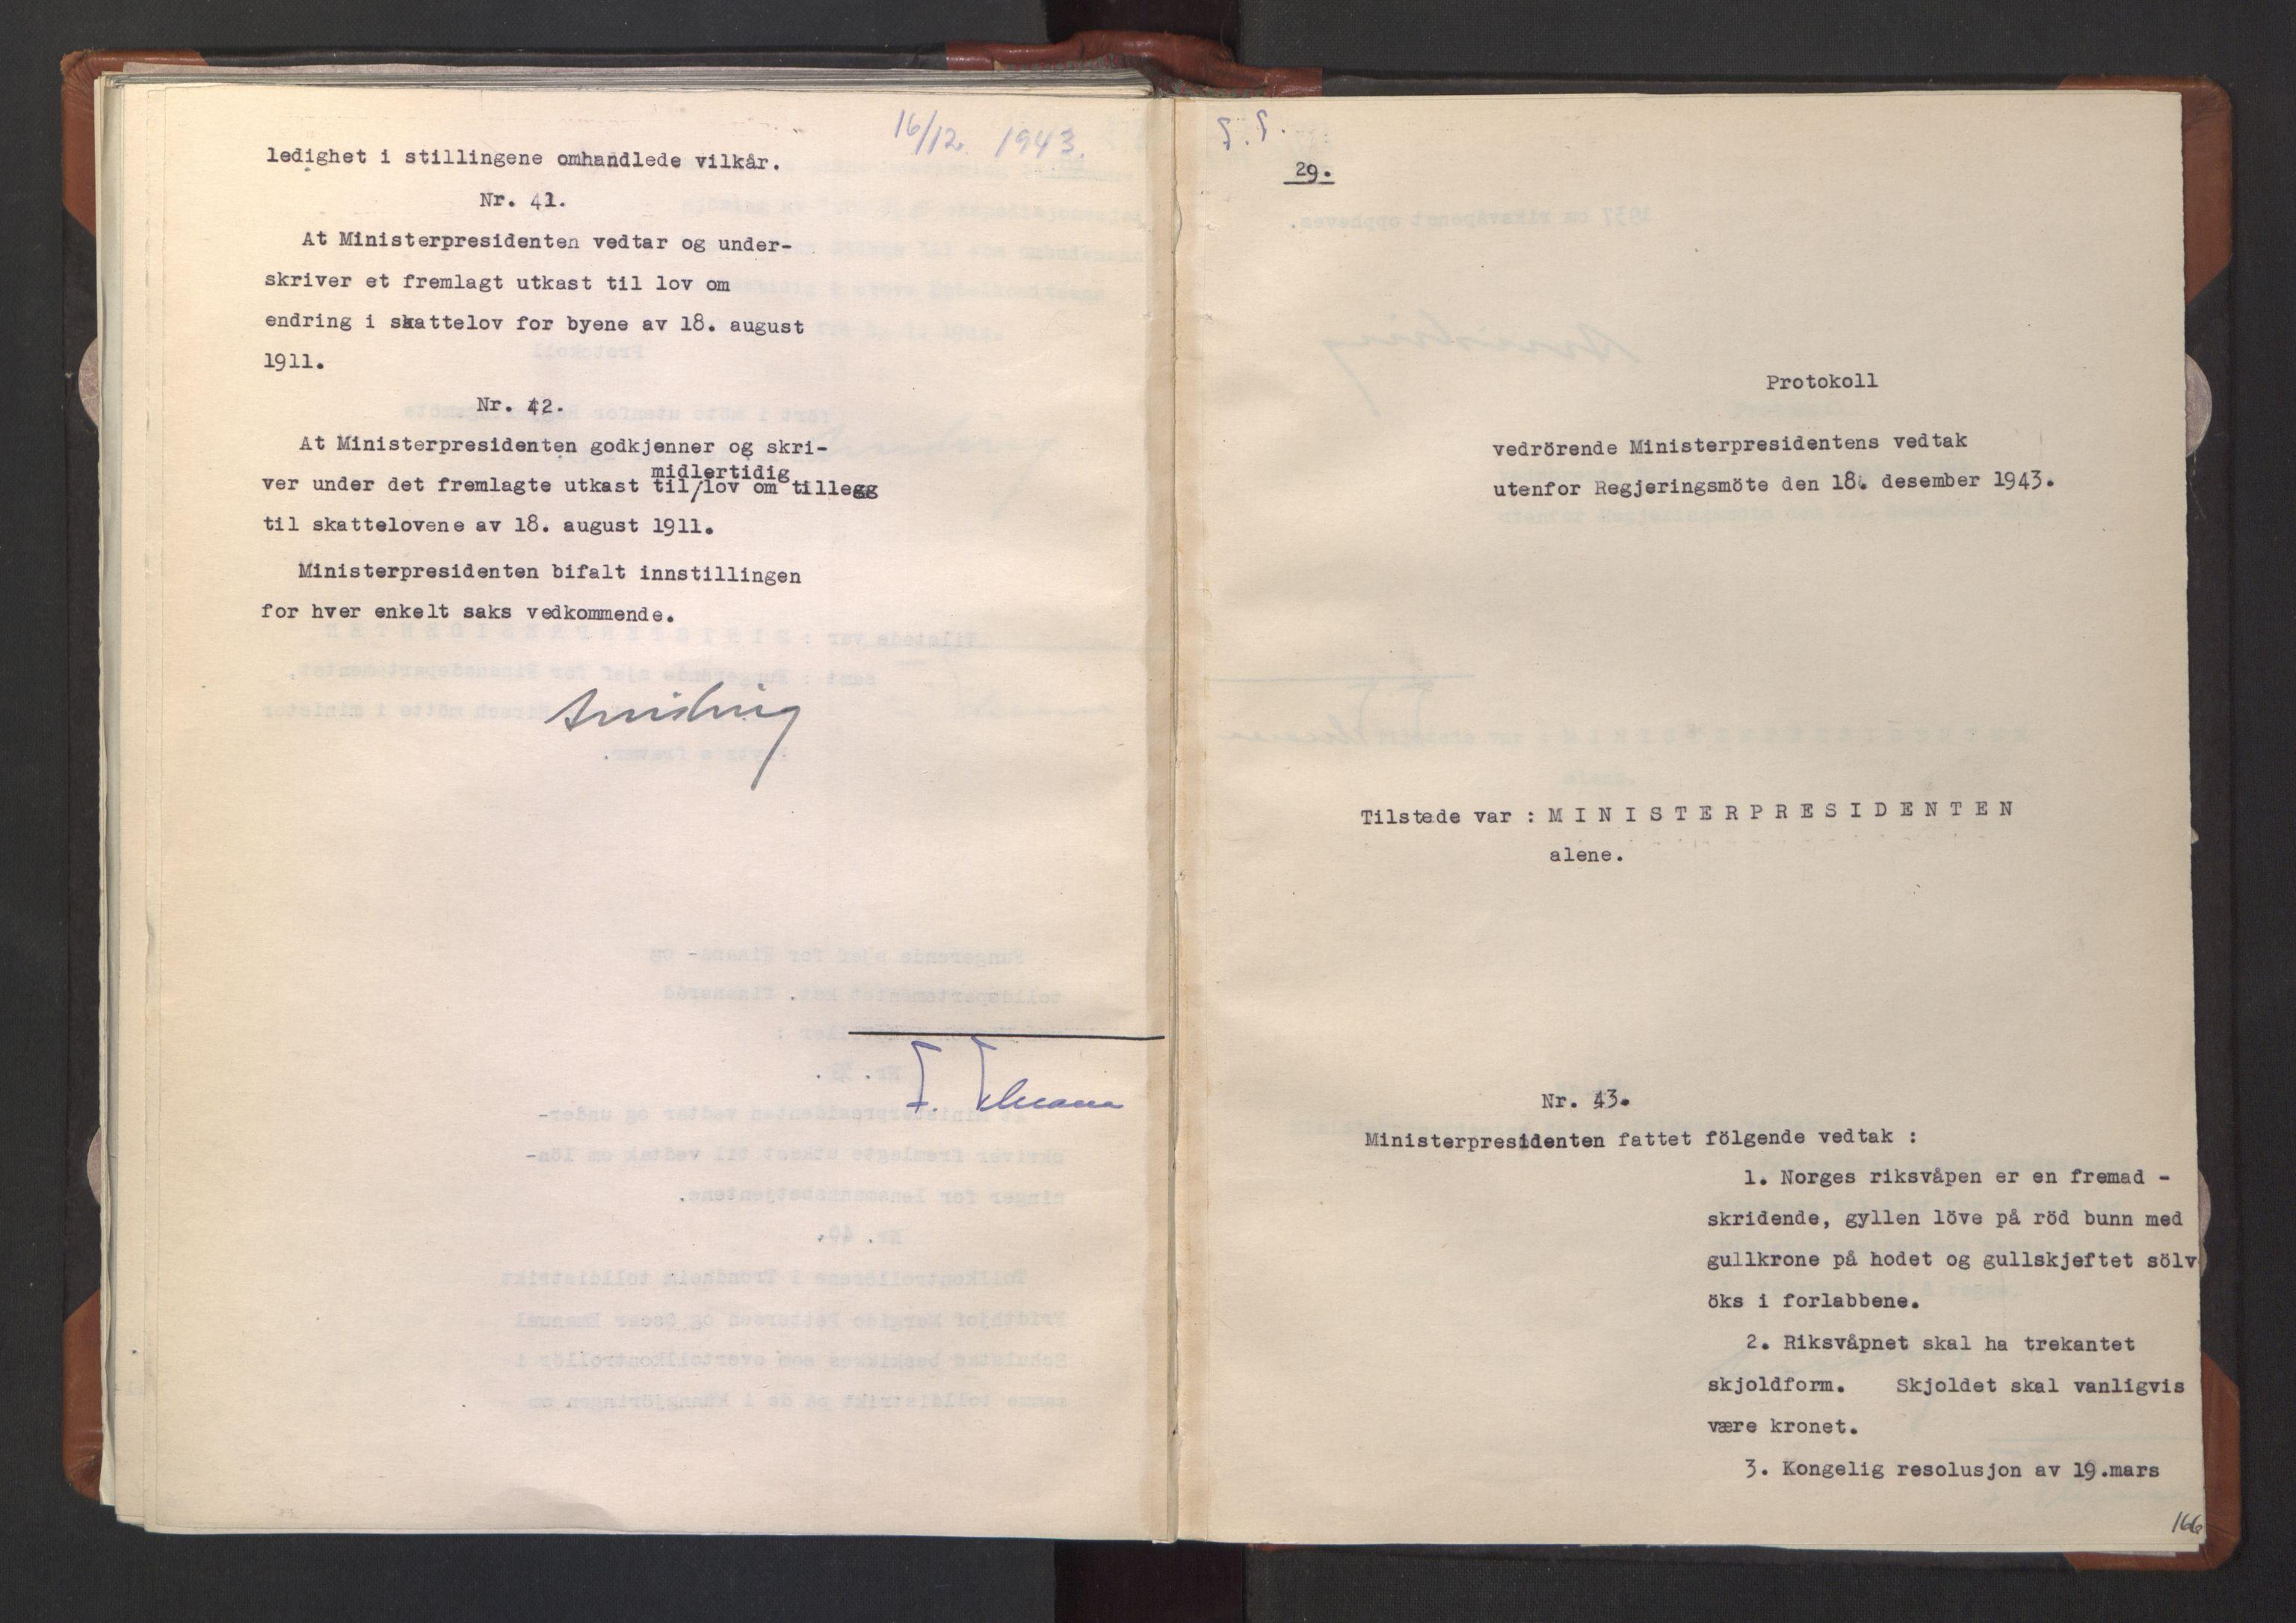 RA, NS-administrasjonen 1940-1945 (Statsrådsekretariatet, de kommisariske statsråder mm), D/Da/L0003: Vedtak (Beslutninger) nr. 1-746 og tillegg nr. 1-47 (RA. j.nr. 1394/1944, tilgangsnr. 8/1944, 1943, s. 165b-166a